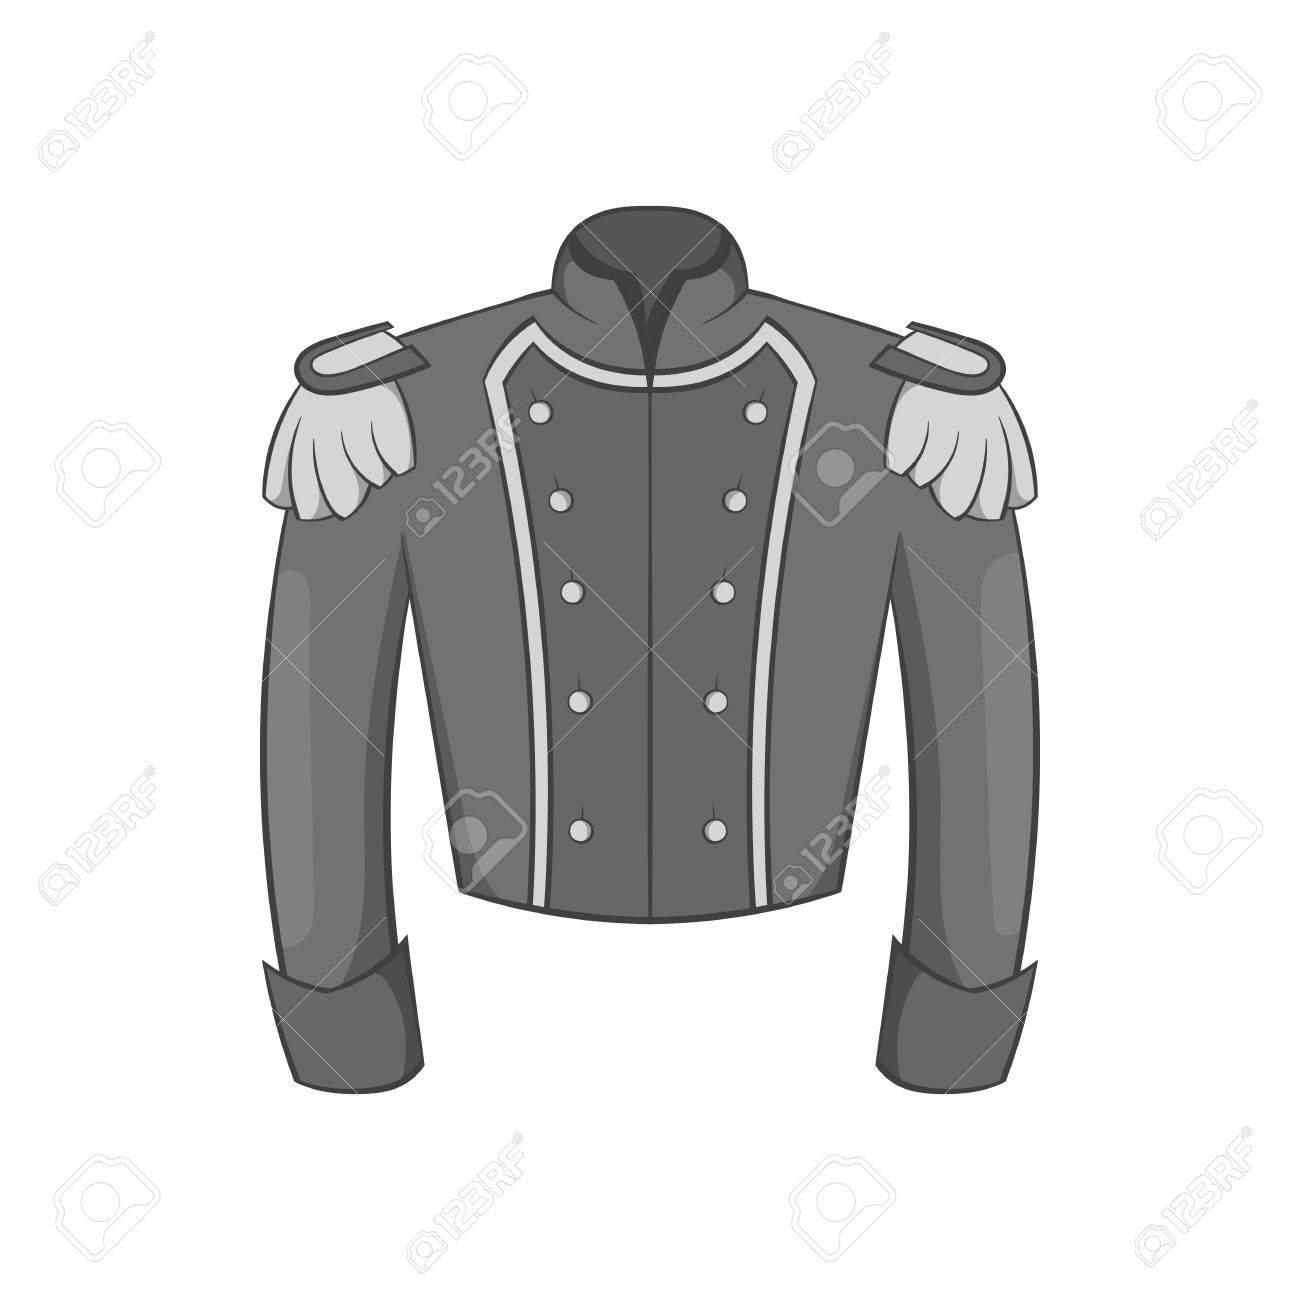 Wonderbaarlijk Militaire Jas Van Wachters Pictogram In Zwarte Zwart-wit Stijl LF-45